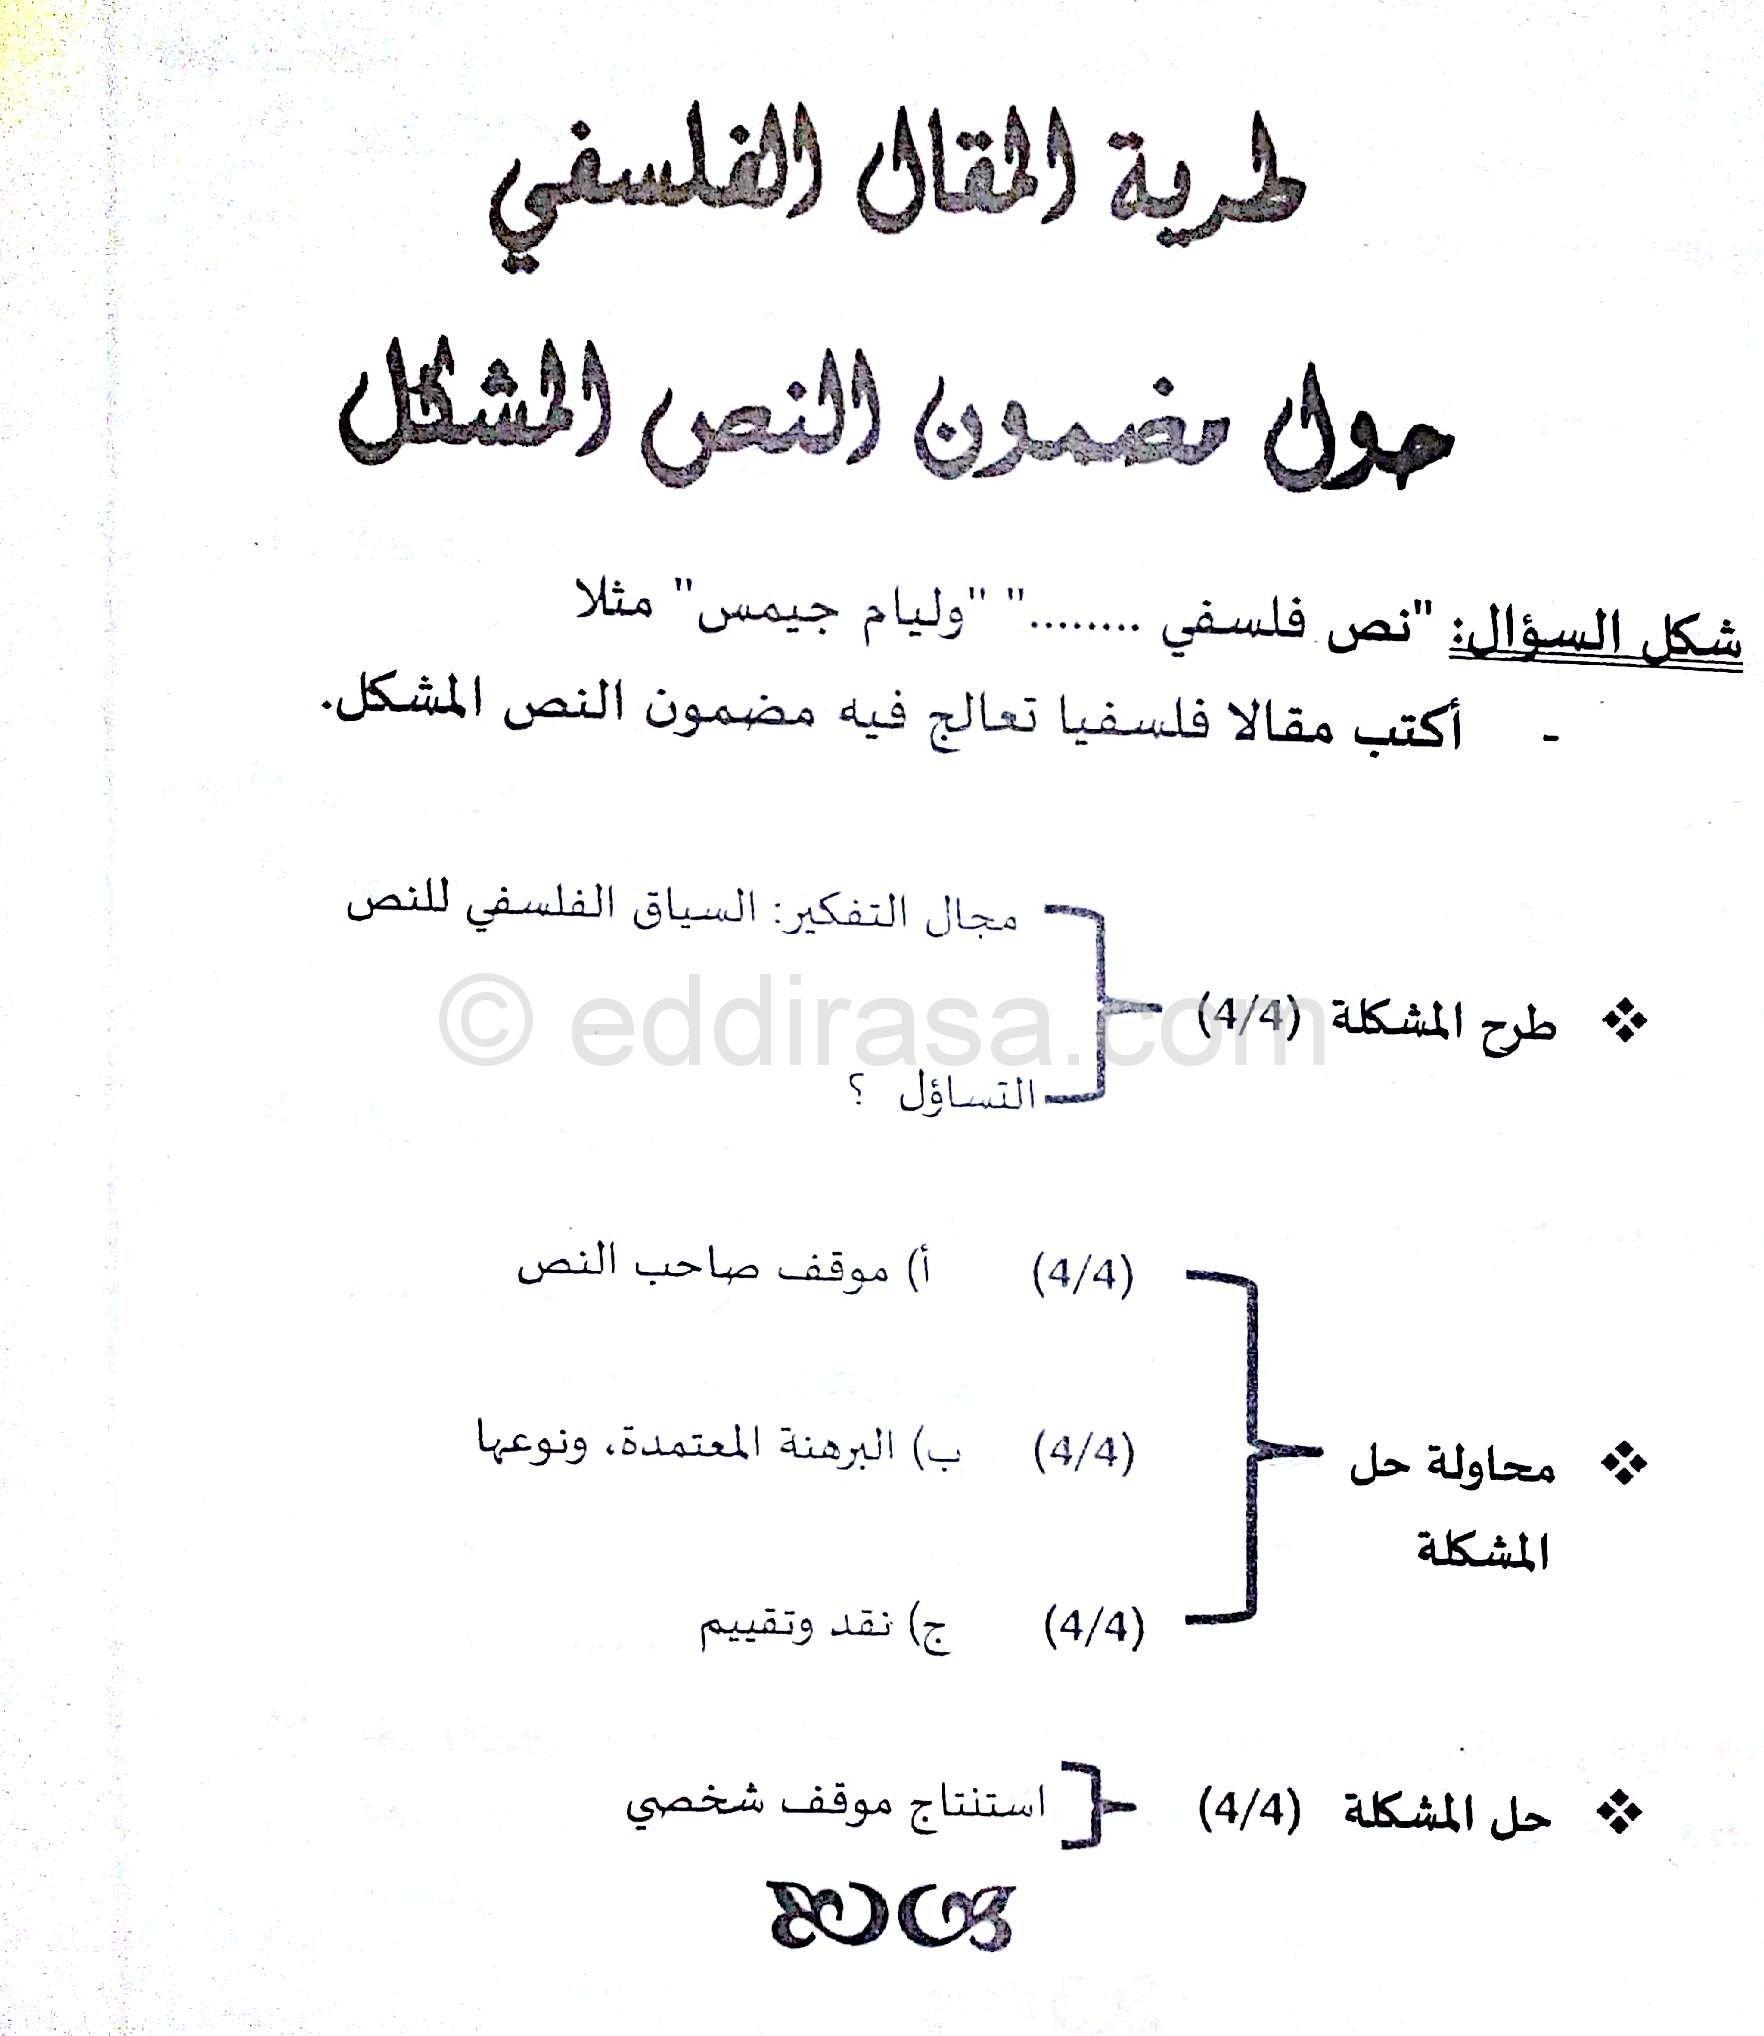 منهجية كتابة مقالة فلسفية سنة ثالثة ثانوي جميع الشعب موقع الدراسة الجزائري Math Math Equations Equation